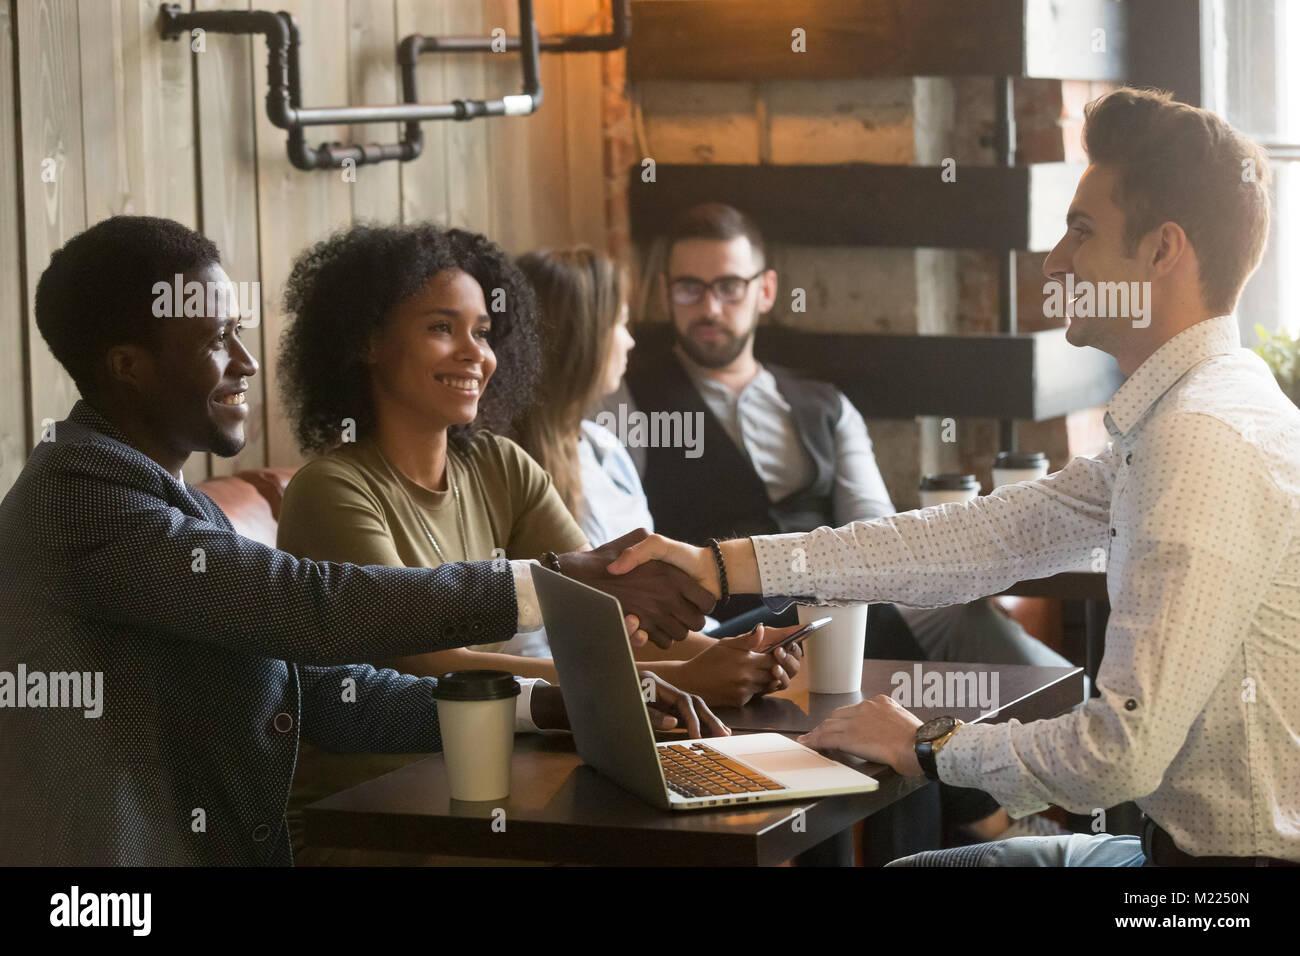 Los hombres caucásicos y africanos multirracial handshaking en una reunión celebrada en Imagen De Stock